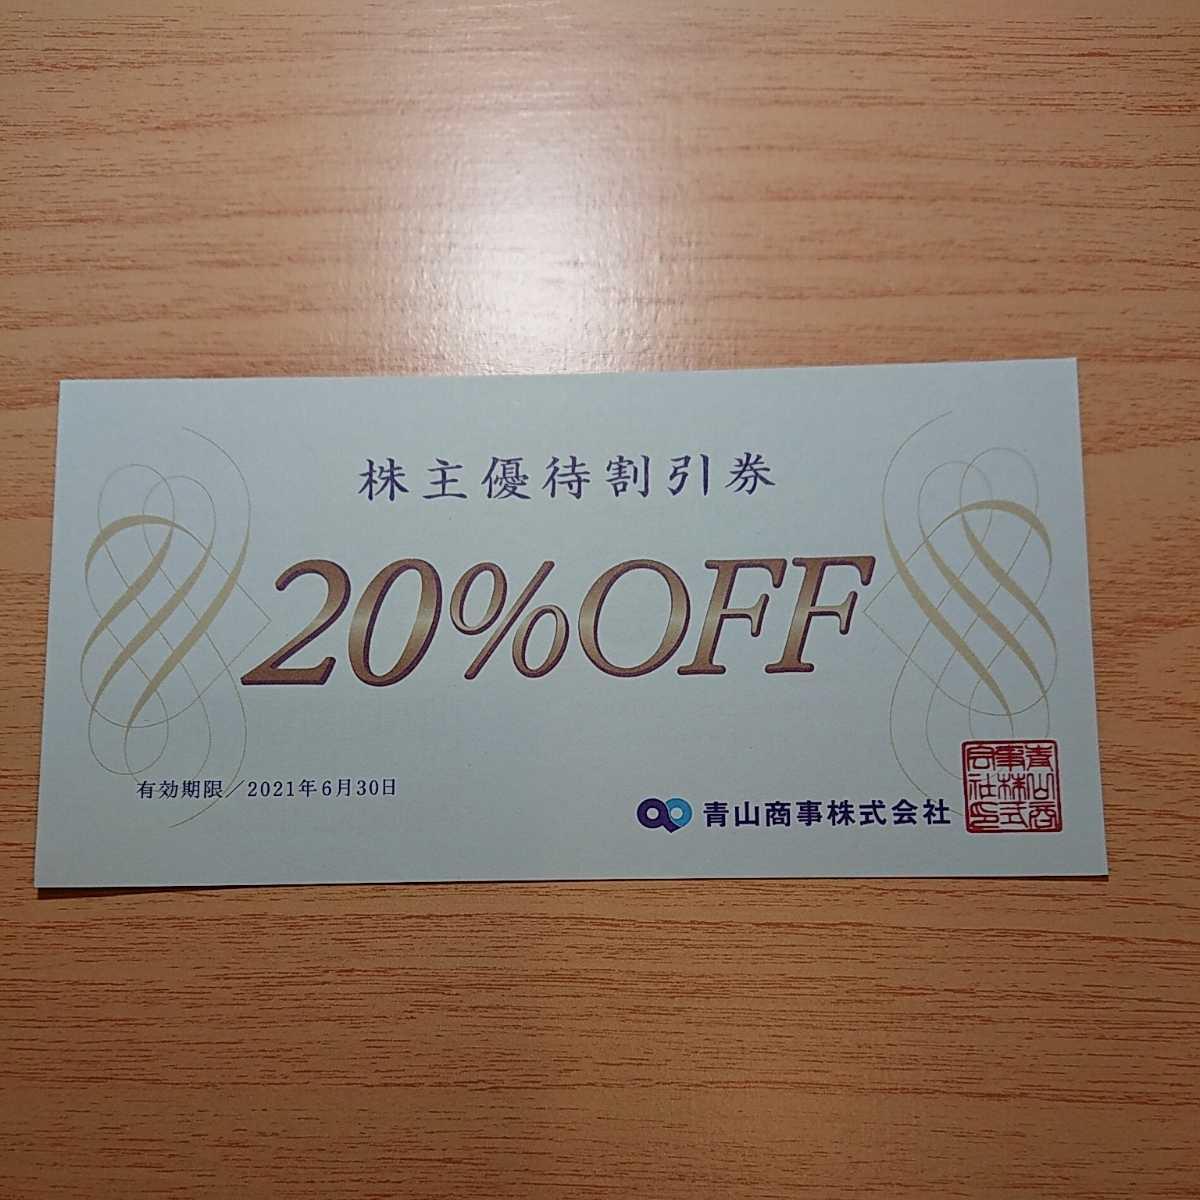 ★★ 【送料無料】青山商事 20%OFF 株主優待割引券 2021.6.30迄 ★★_画像1